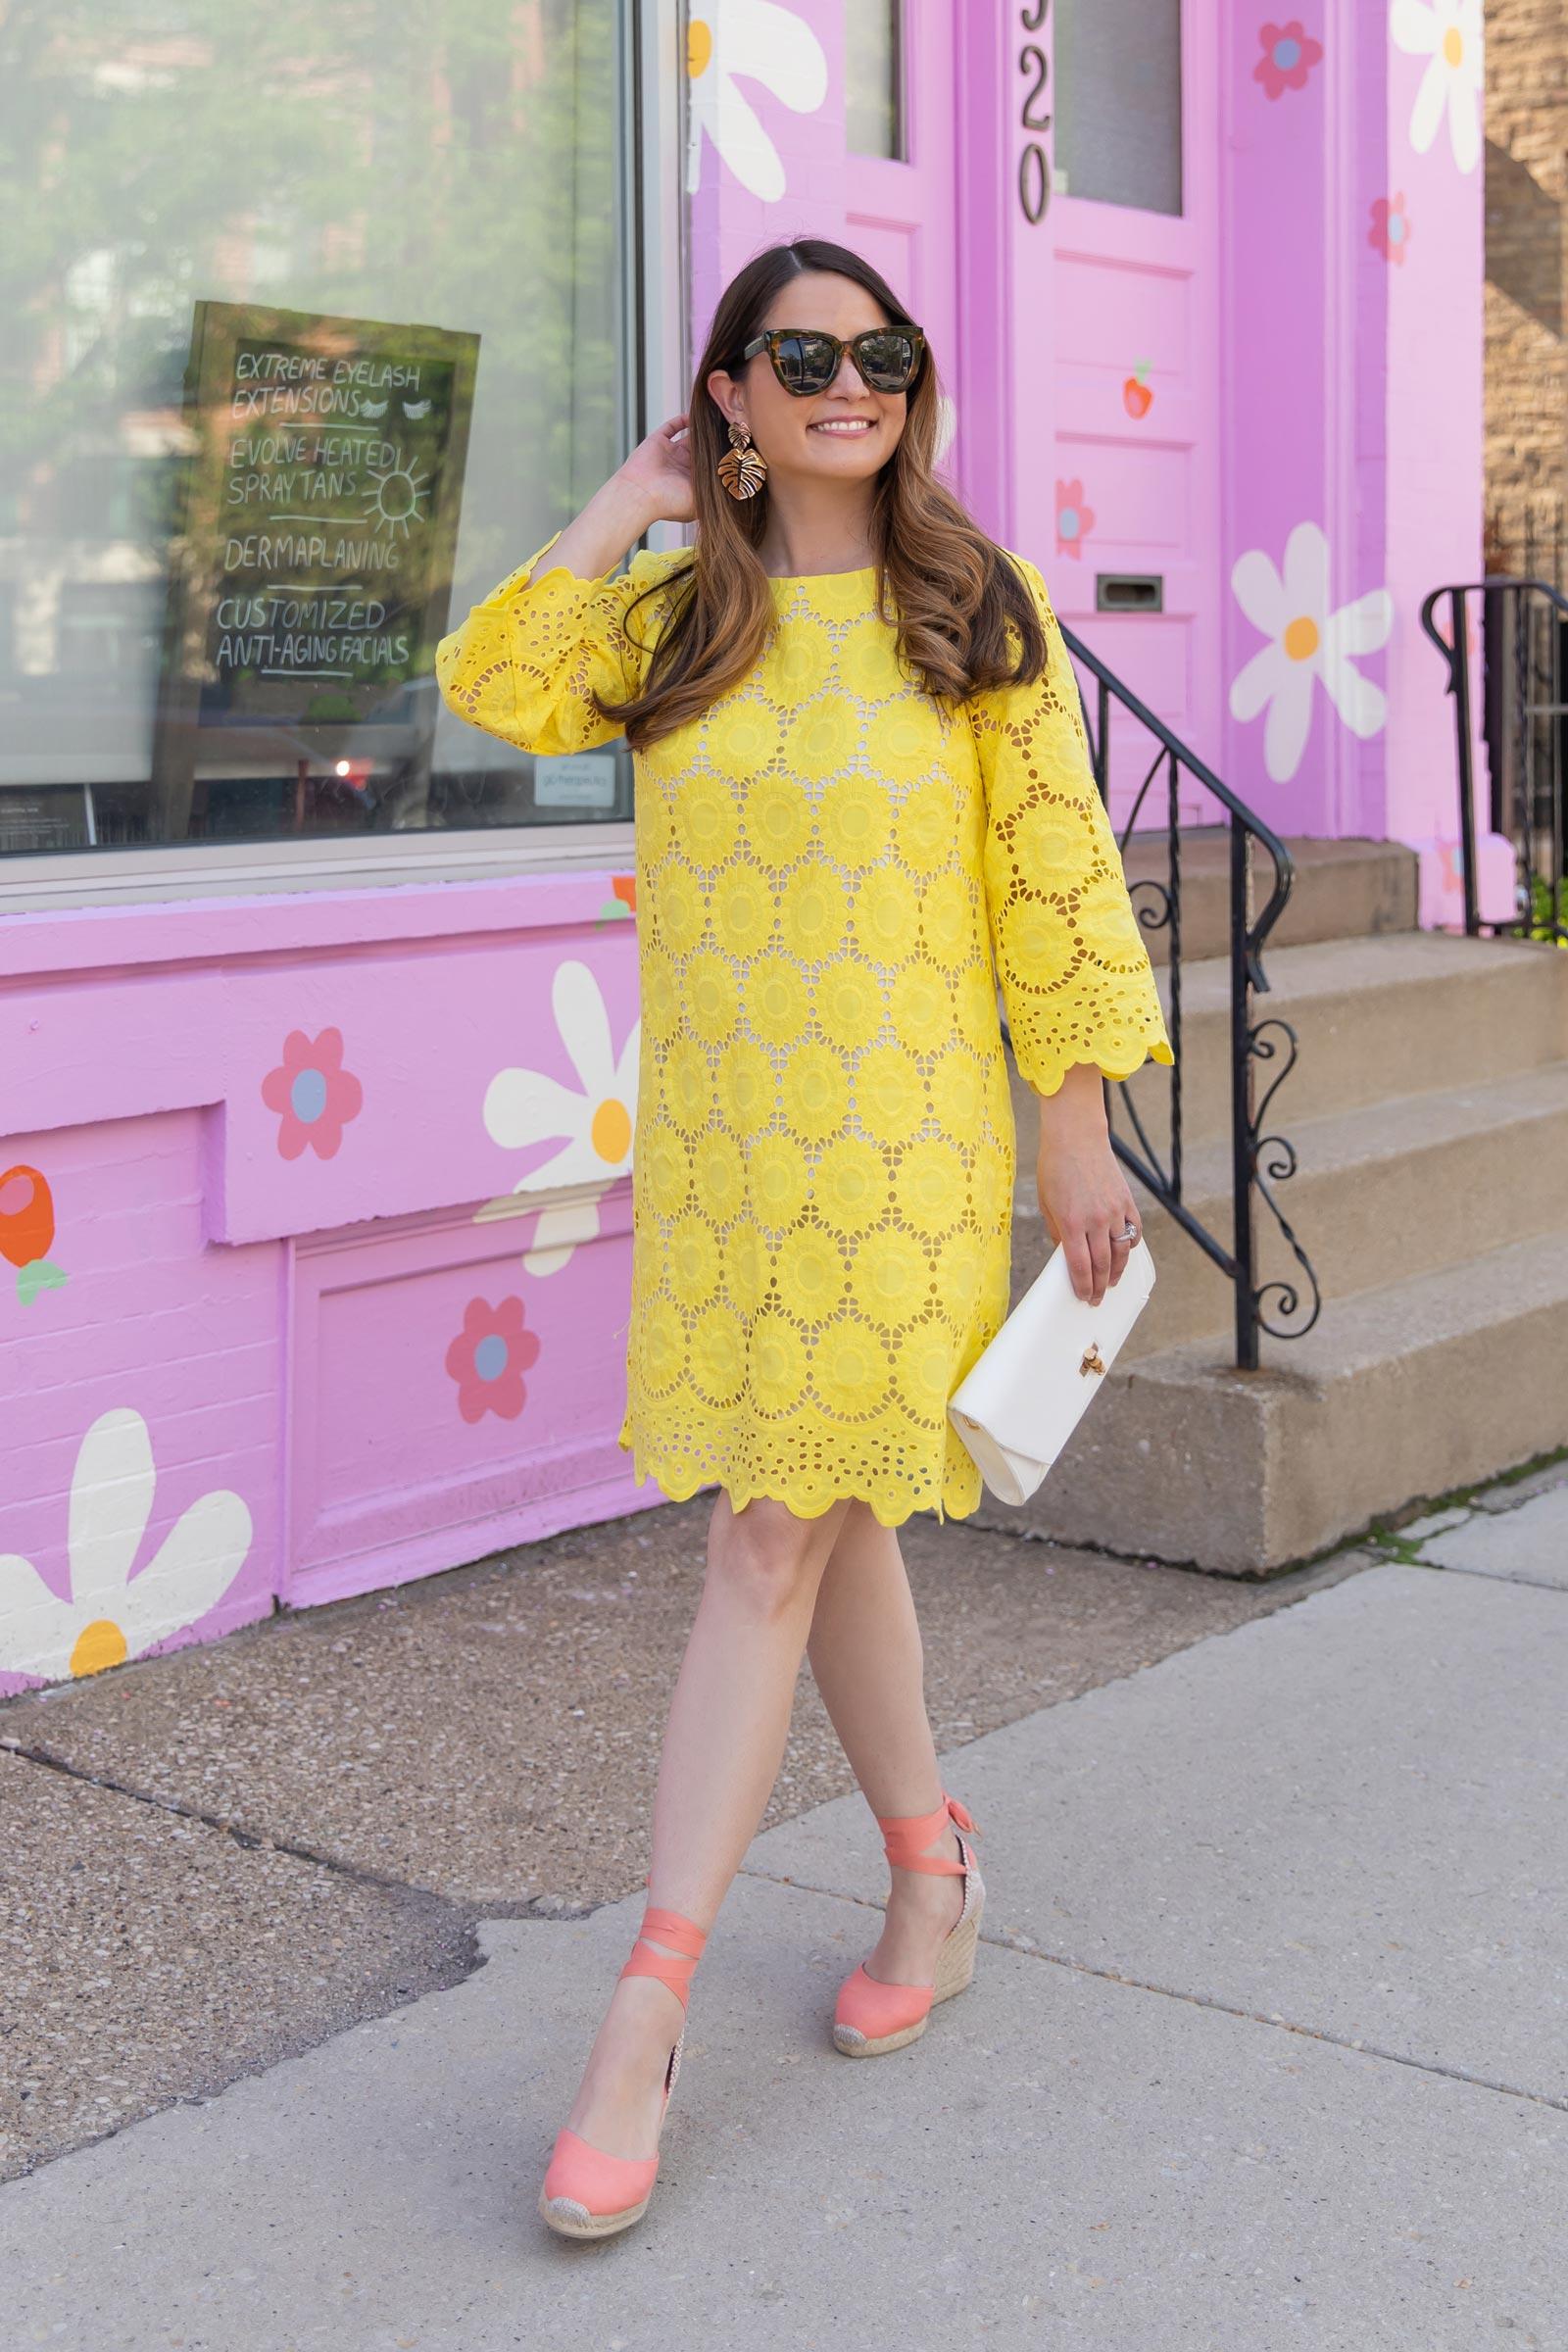 Jennifer Lake Lilly Pulitzer Yellow Lace Dress